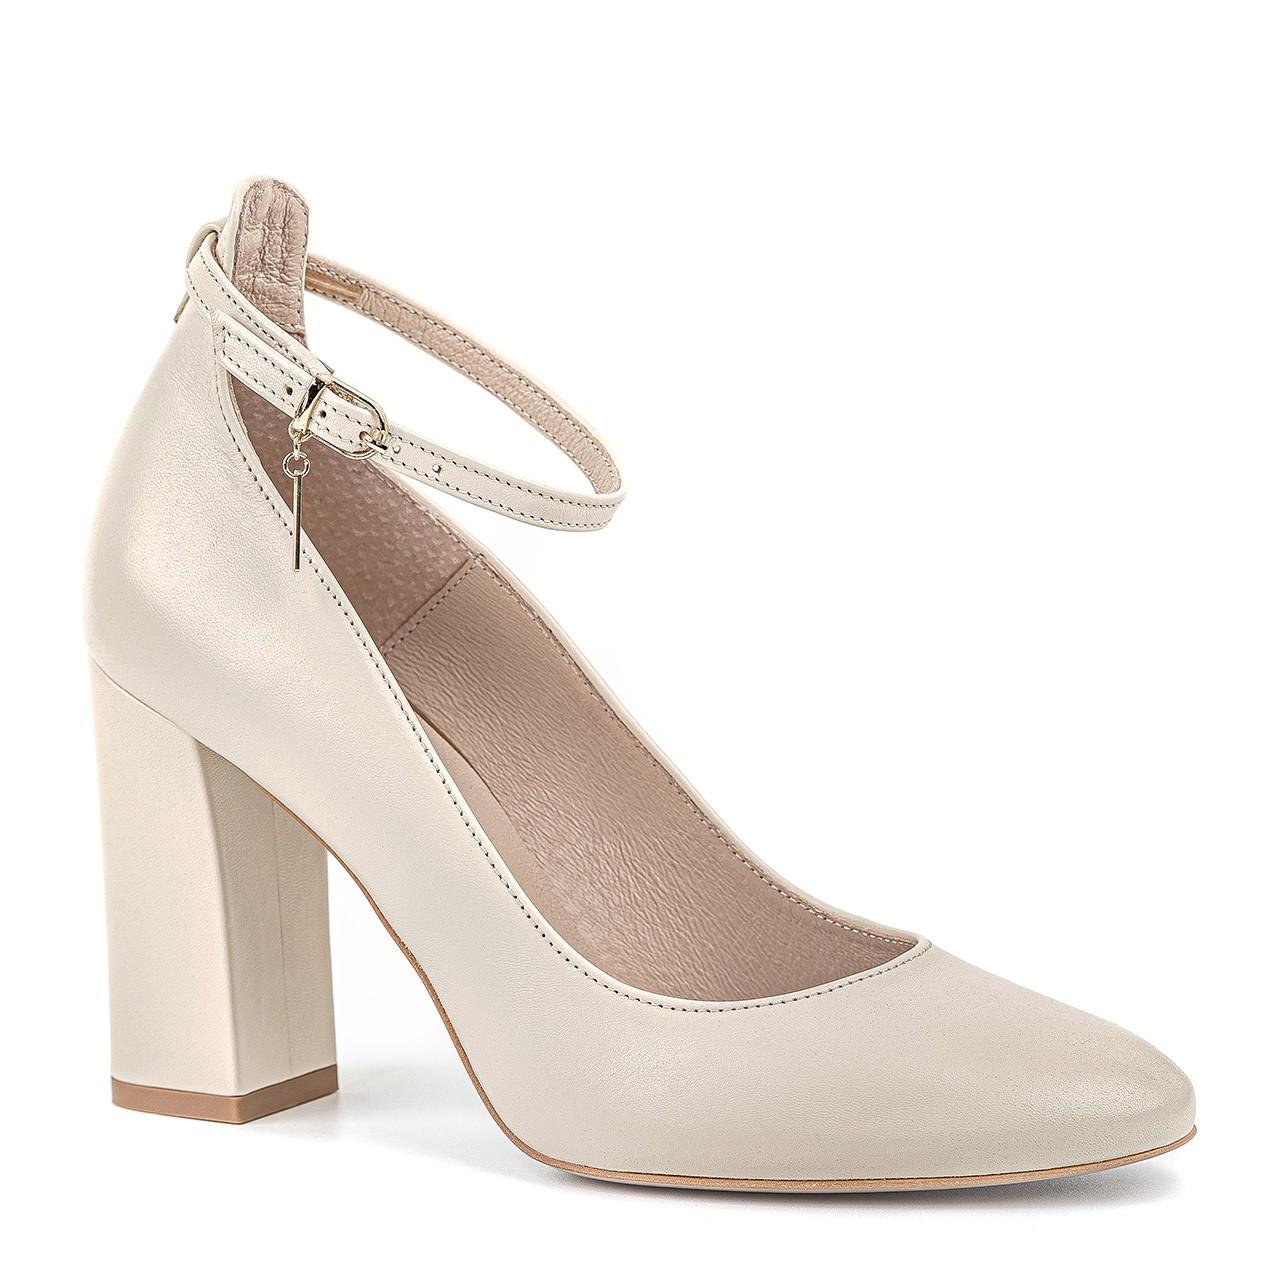 Kremowe skórzane buty na słupkowym, grubym obcasie zapinane przy kostce